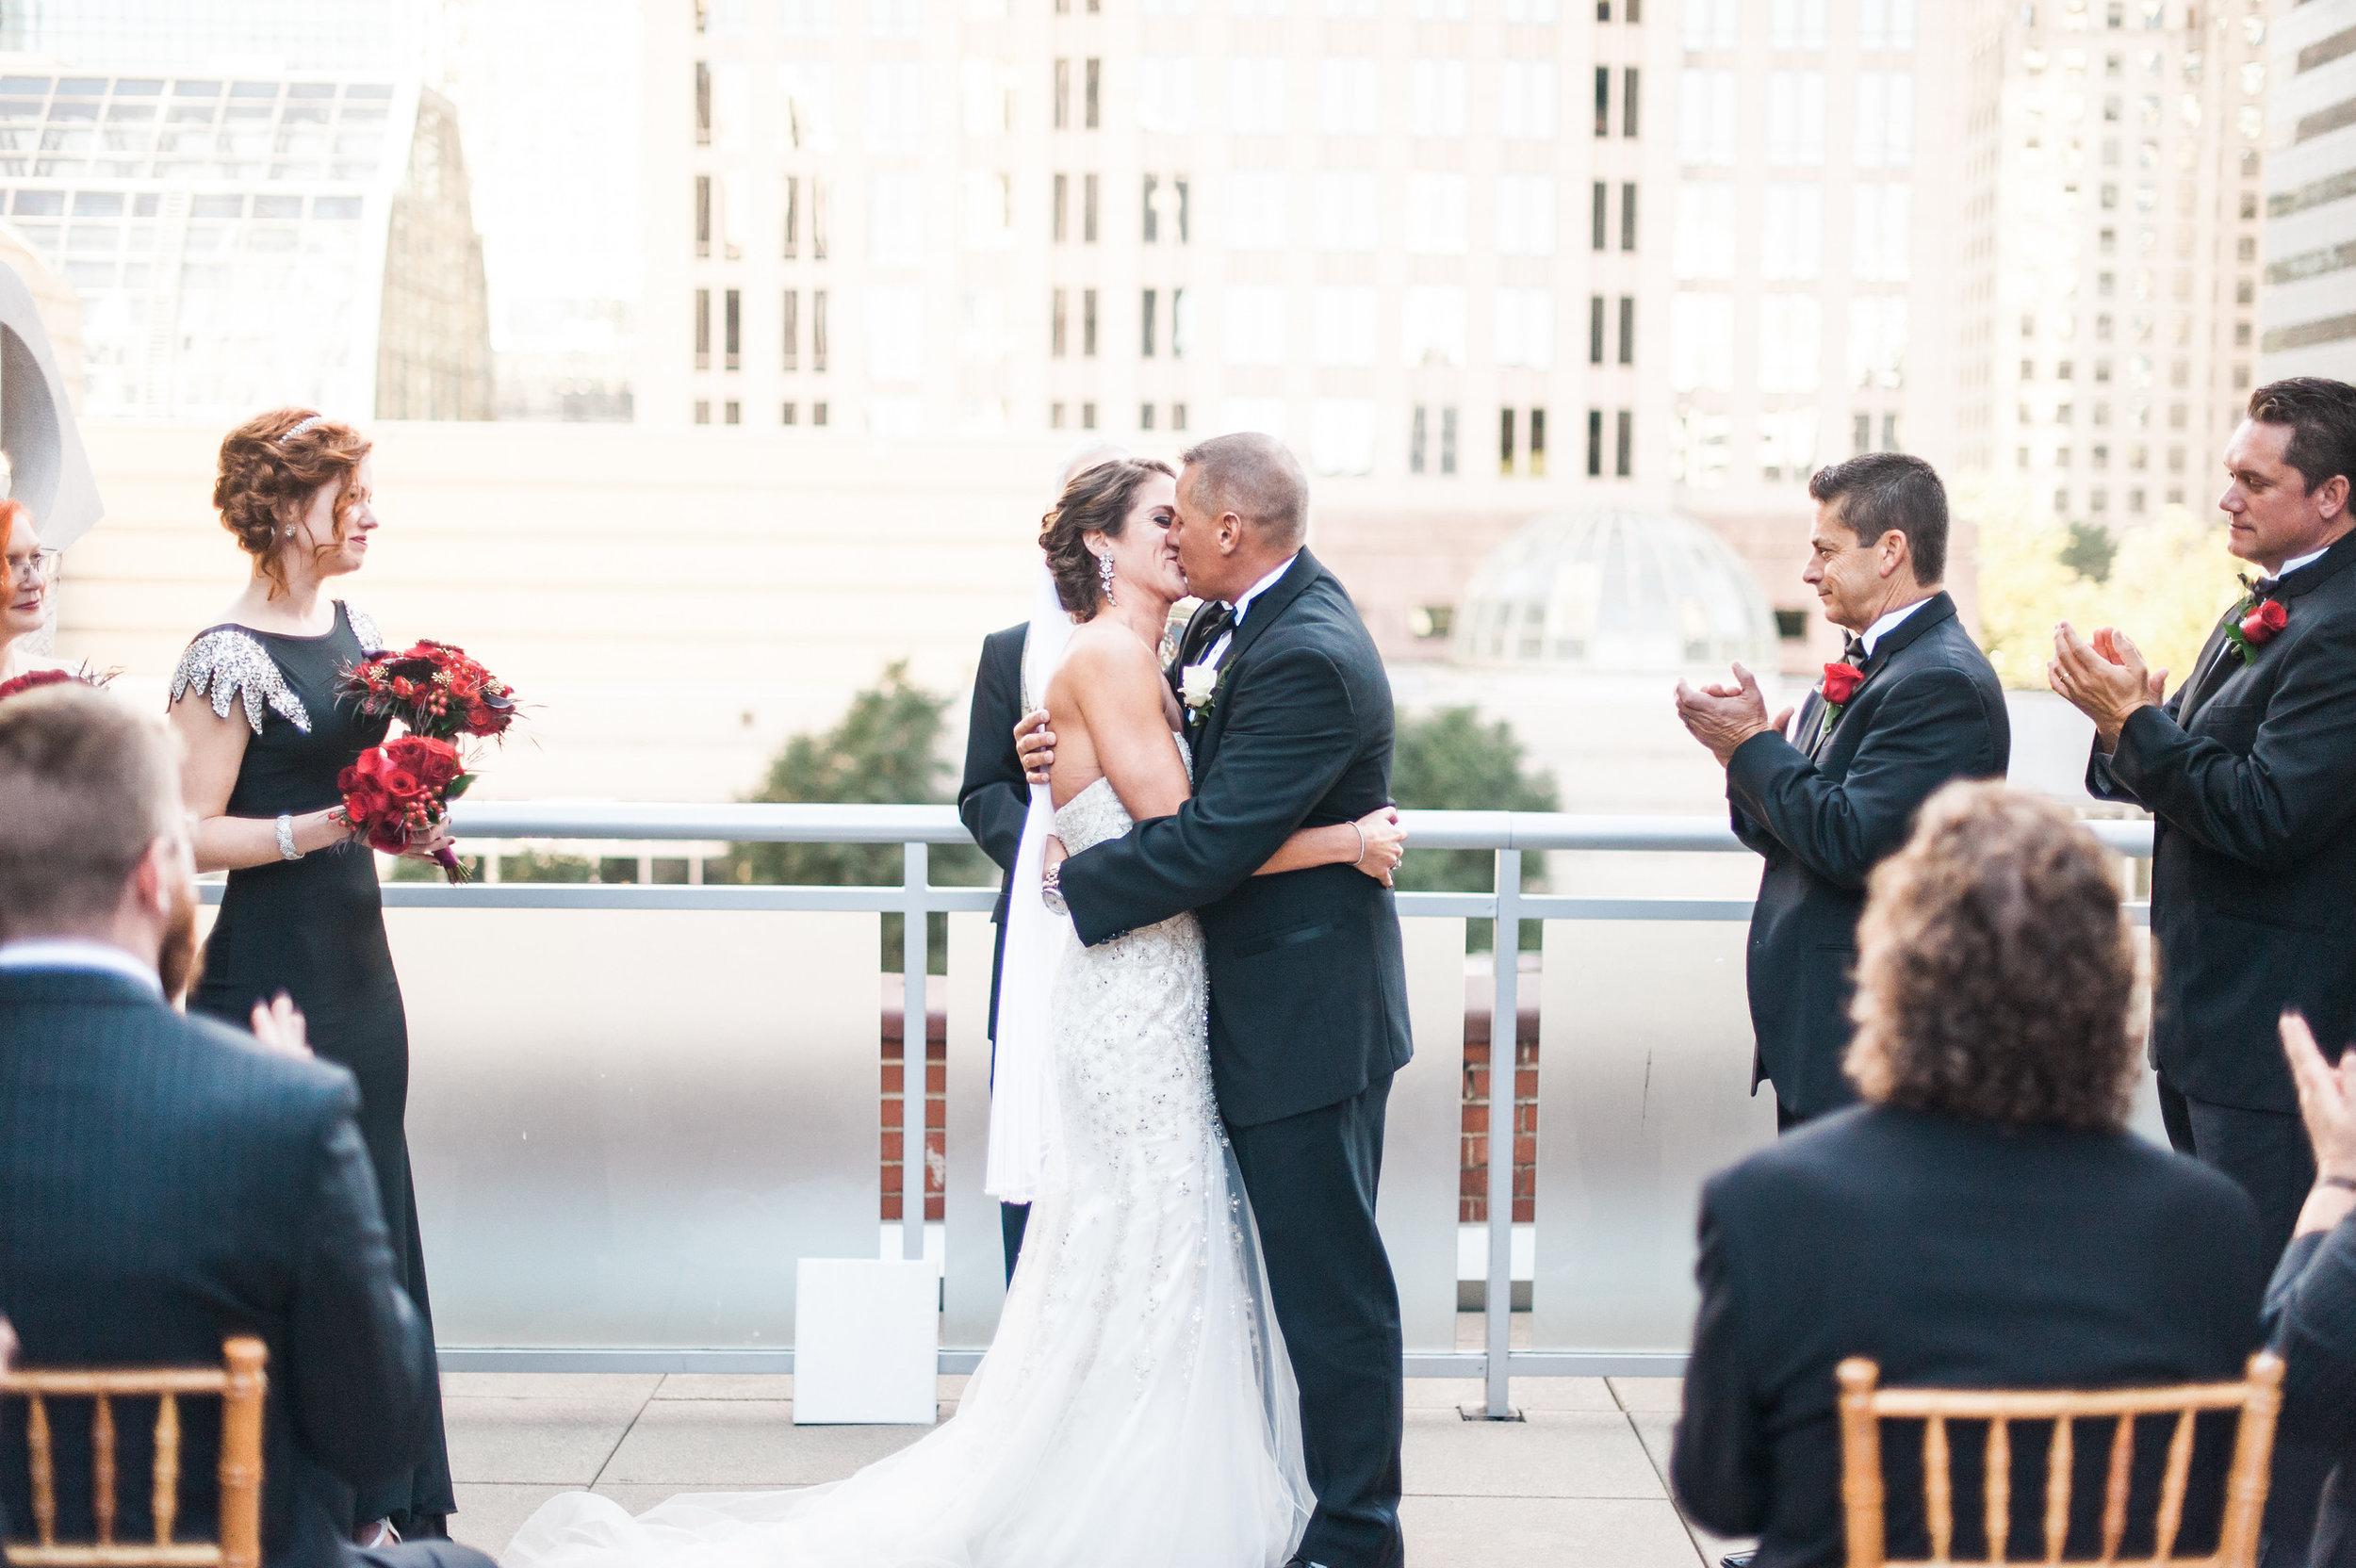 hoke-wedding-204-X5.jpg